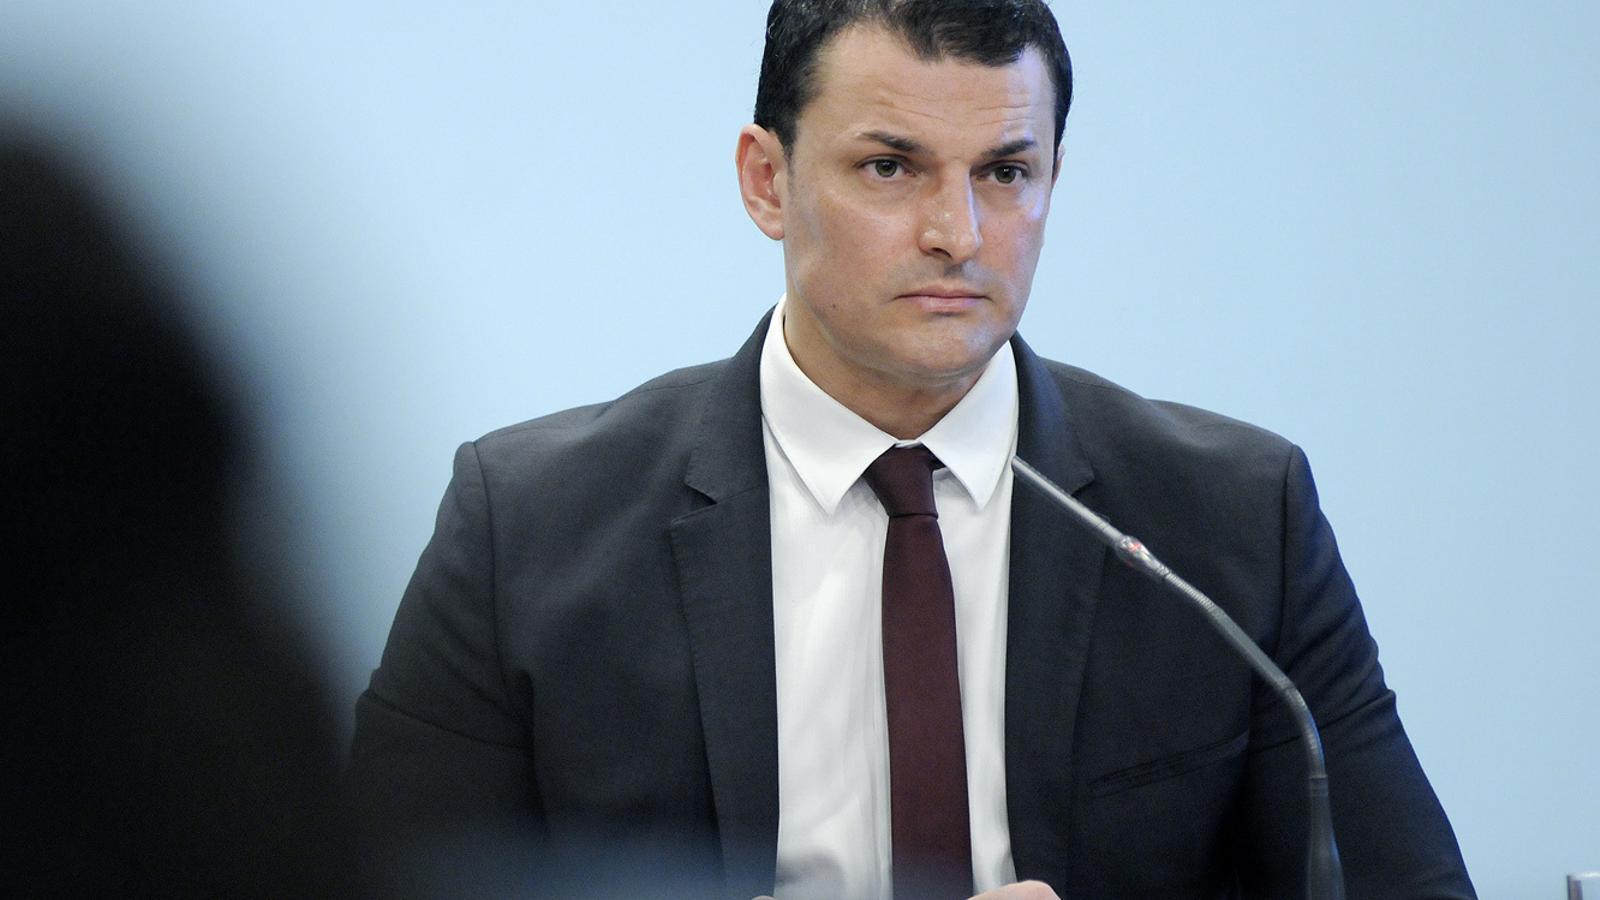 El ministre de Presidència, Economia i Empresa, Jordi Gallardo, durant la roda de premsa d'aquest divendres. / SFG